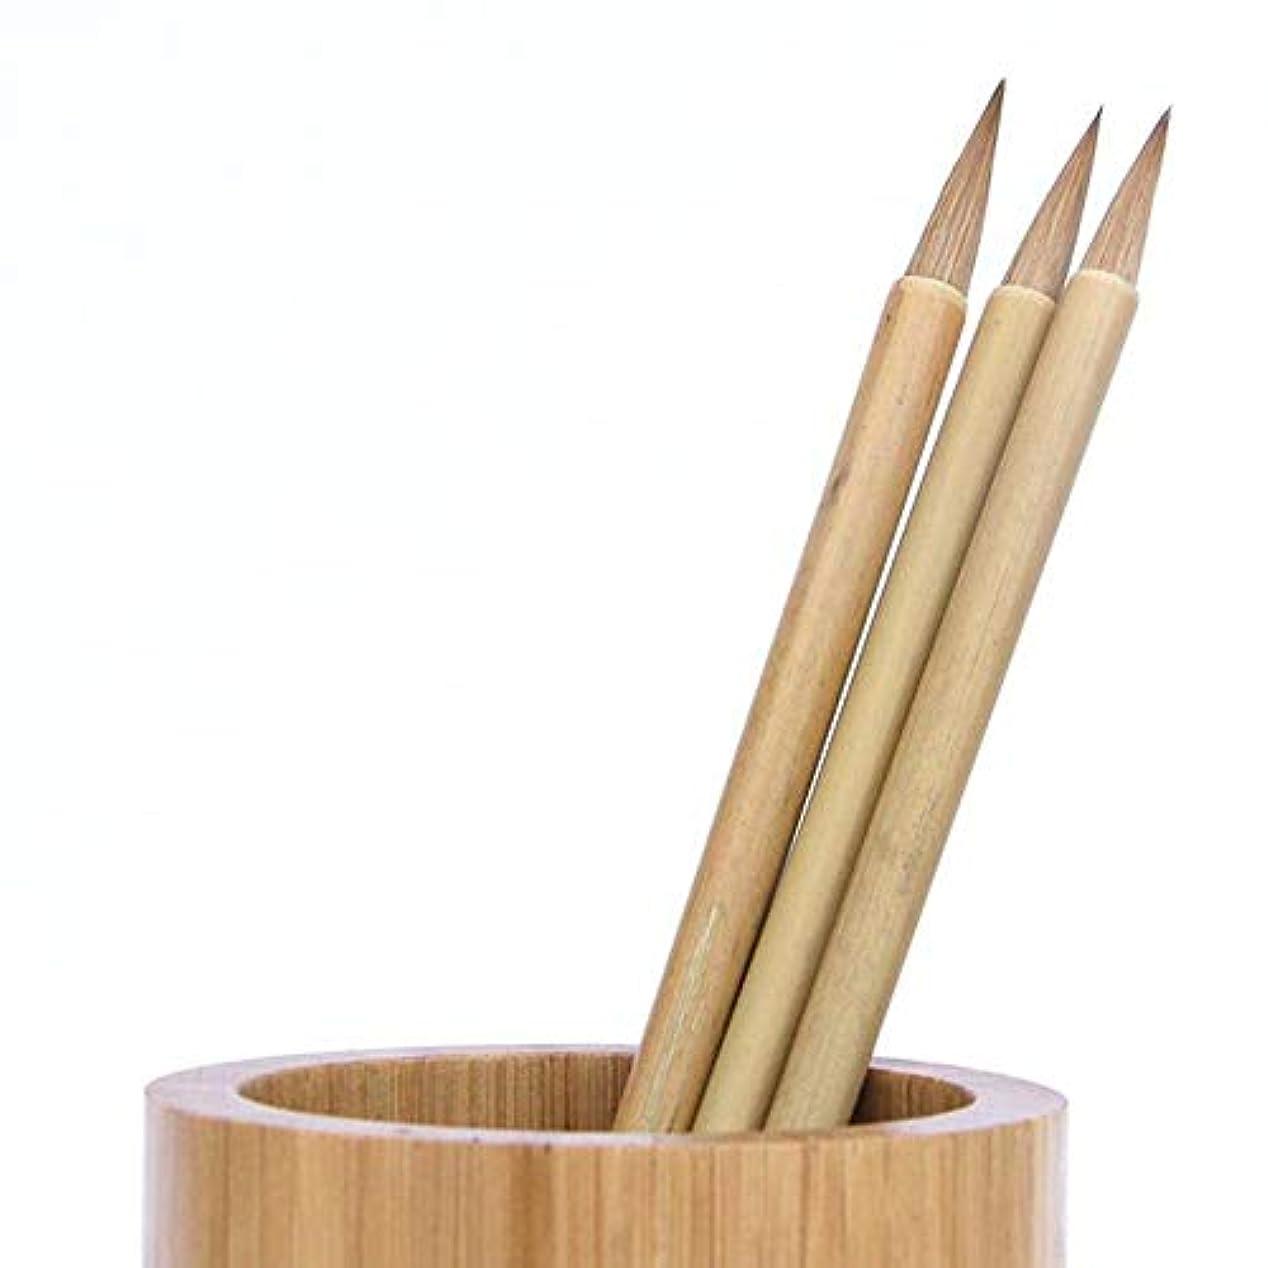 緑小屋ギネス髪型書道漢字中国語日本語ドローイングブラシ、インク塗りブラシ、3枚入り、ソフトで滑らか